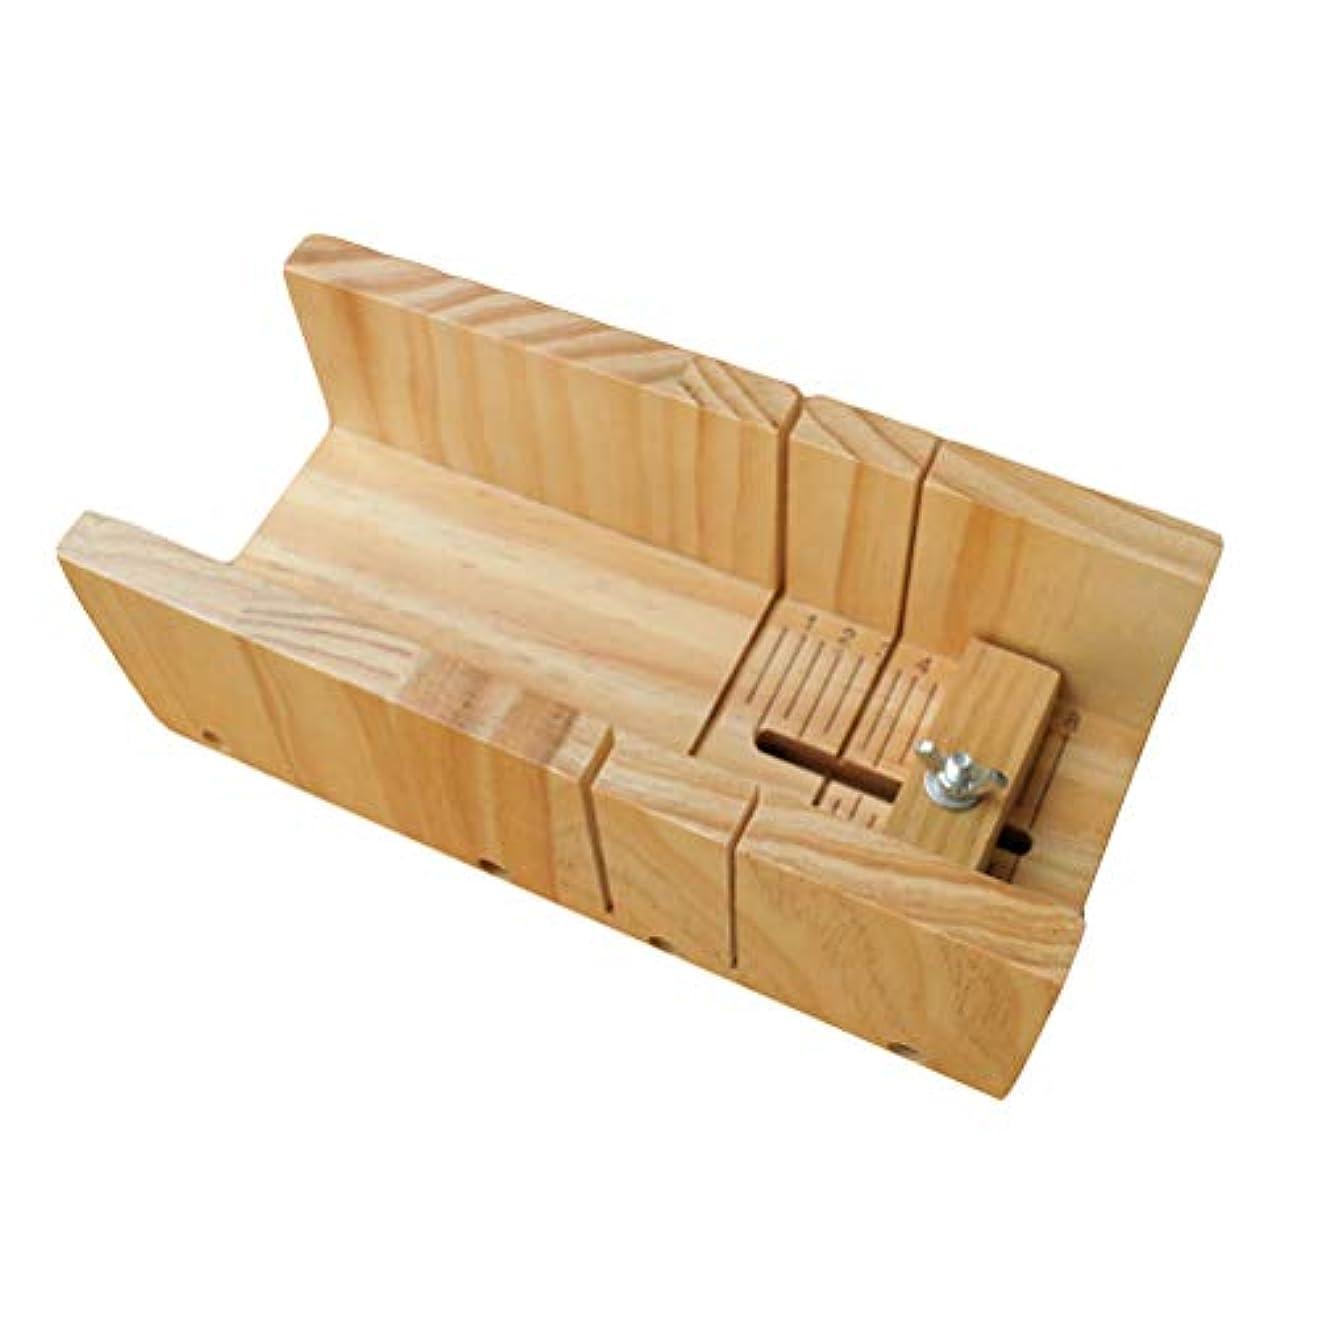 カヌー孤独な撤退SUPVOX ウッドソープローフカッター金型調整可能カッター金型ボックスソープ作りツール(ウッドカラー)